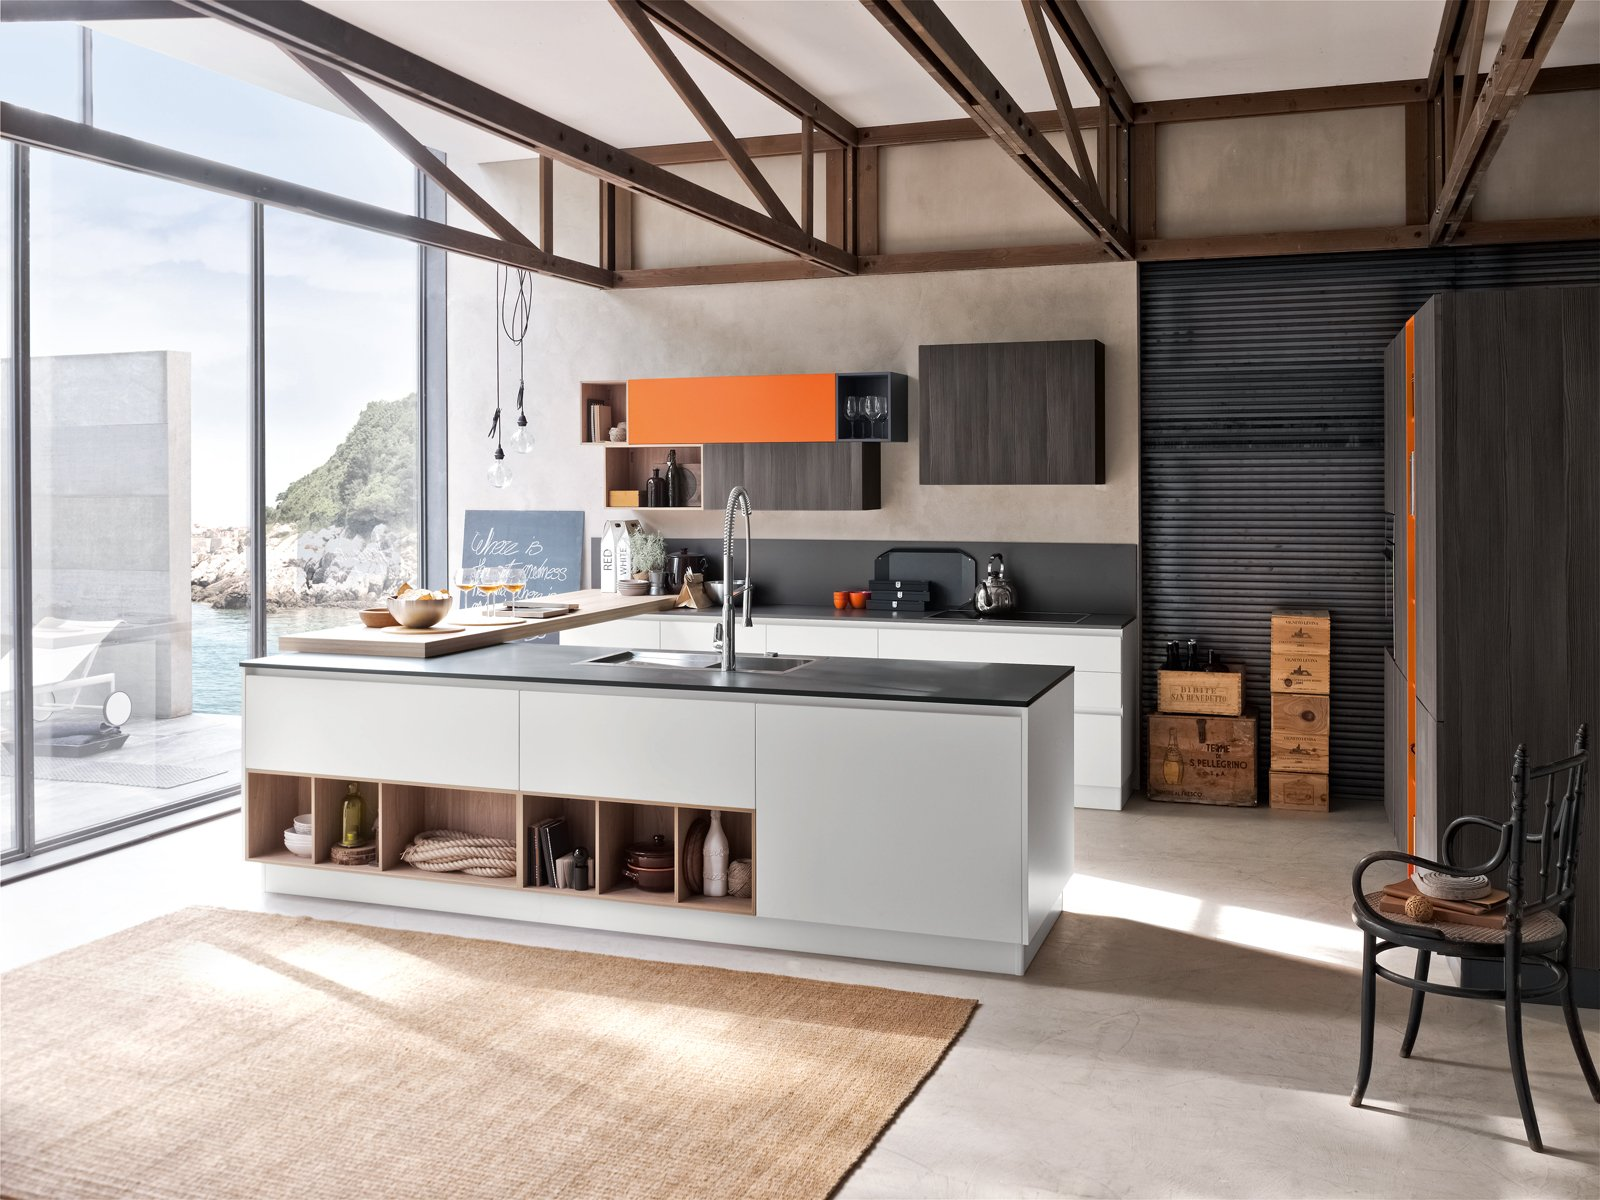 Cucine con grandi piani di lavoro cose di casa for Piani casa a basso reddito